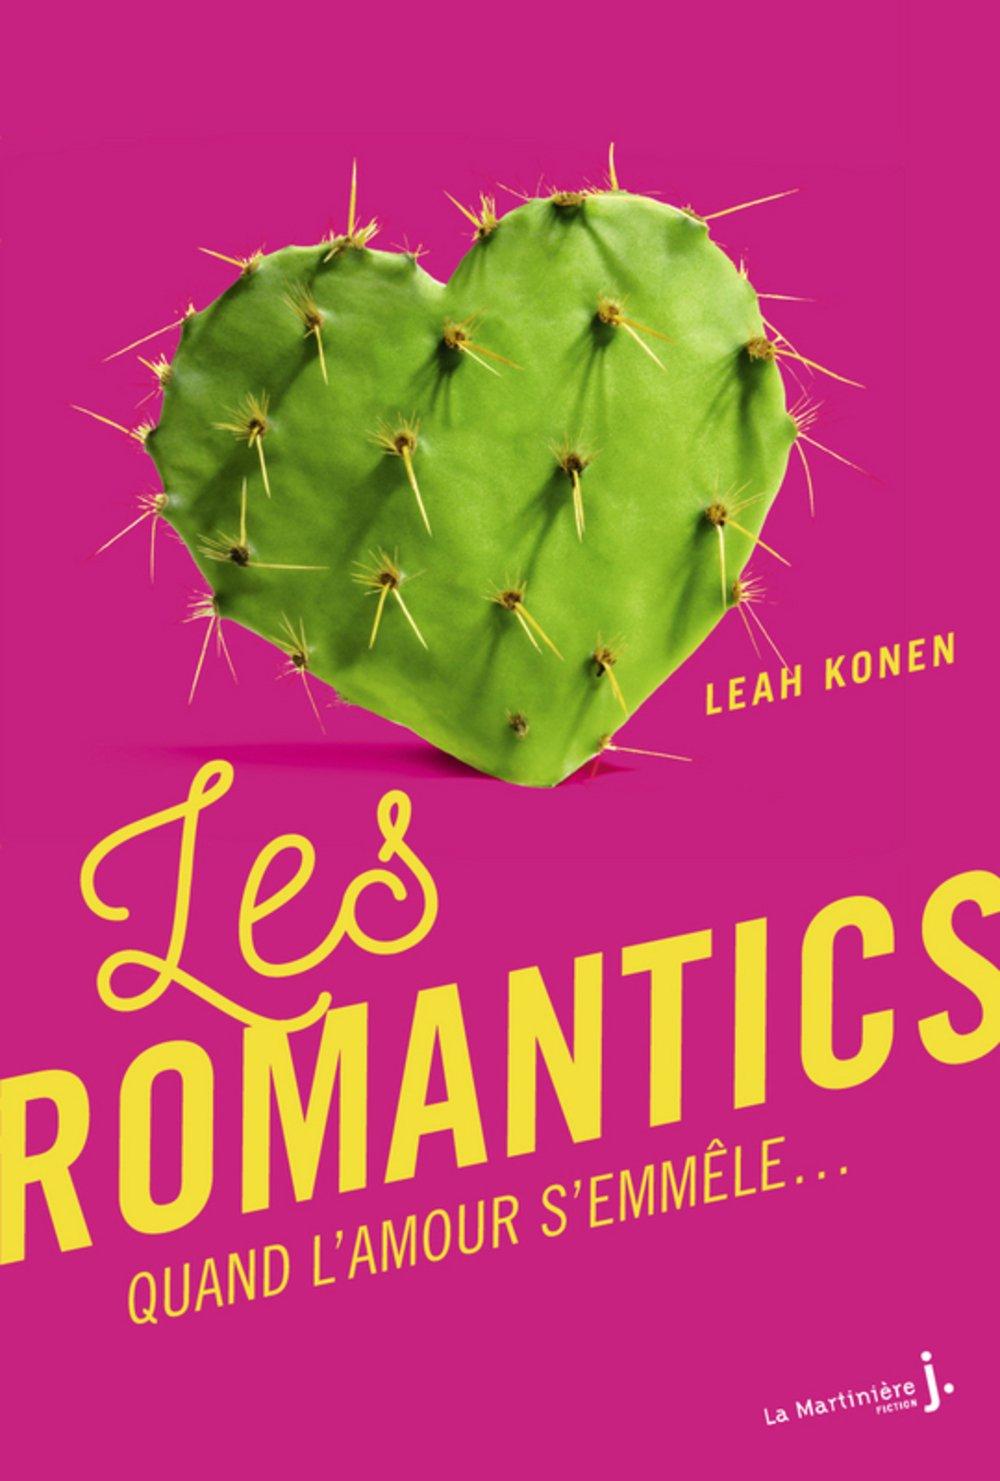 Les romantics de Leah Konen